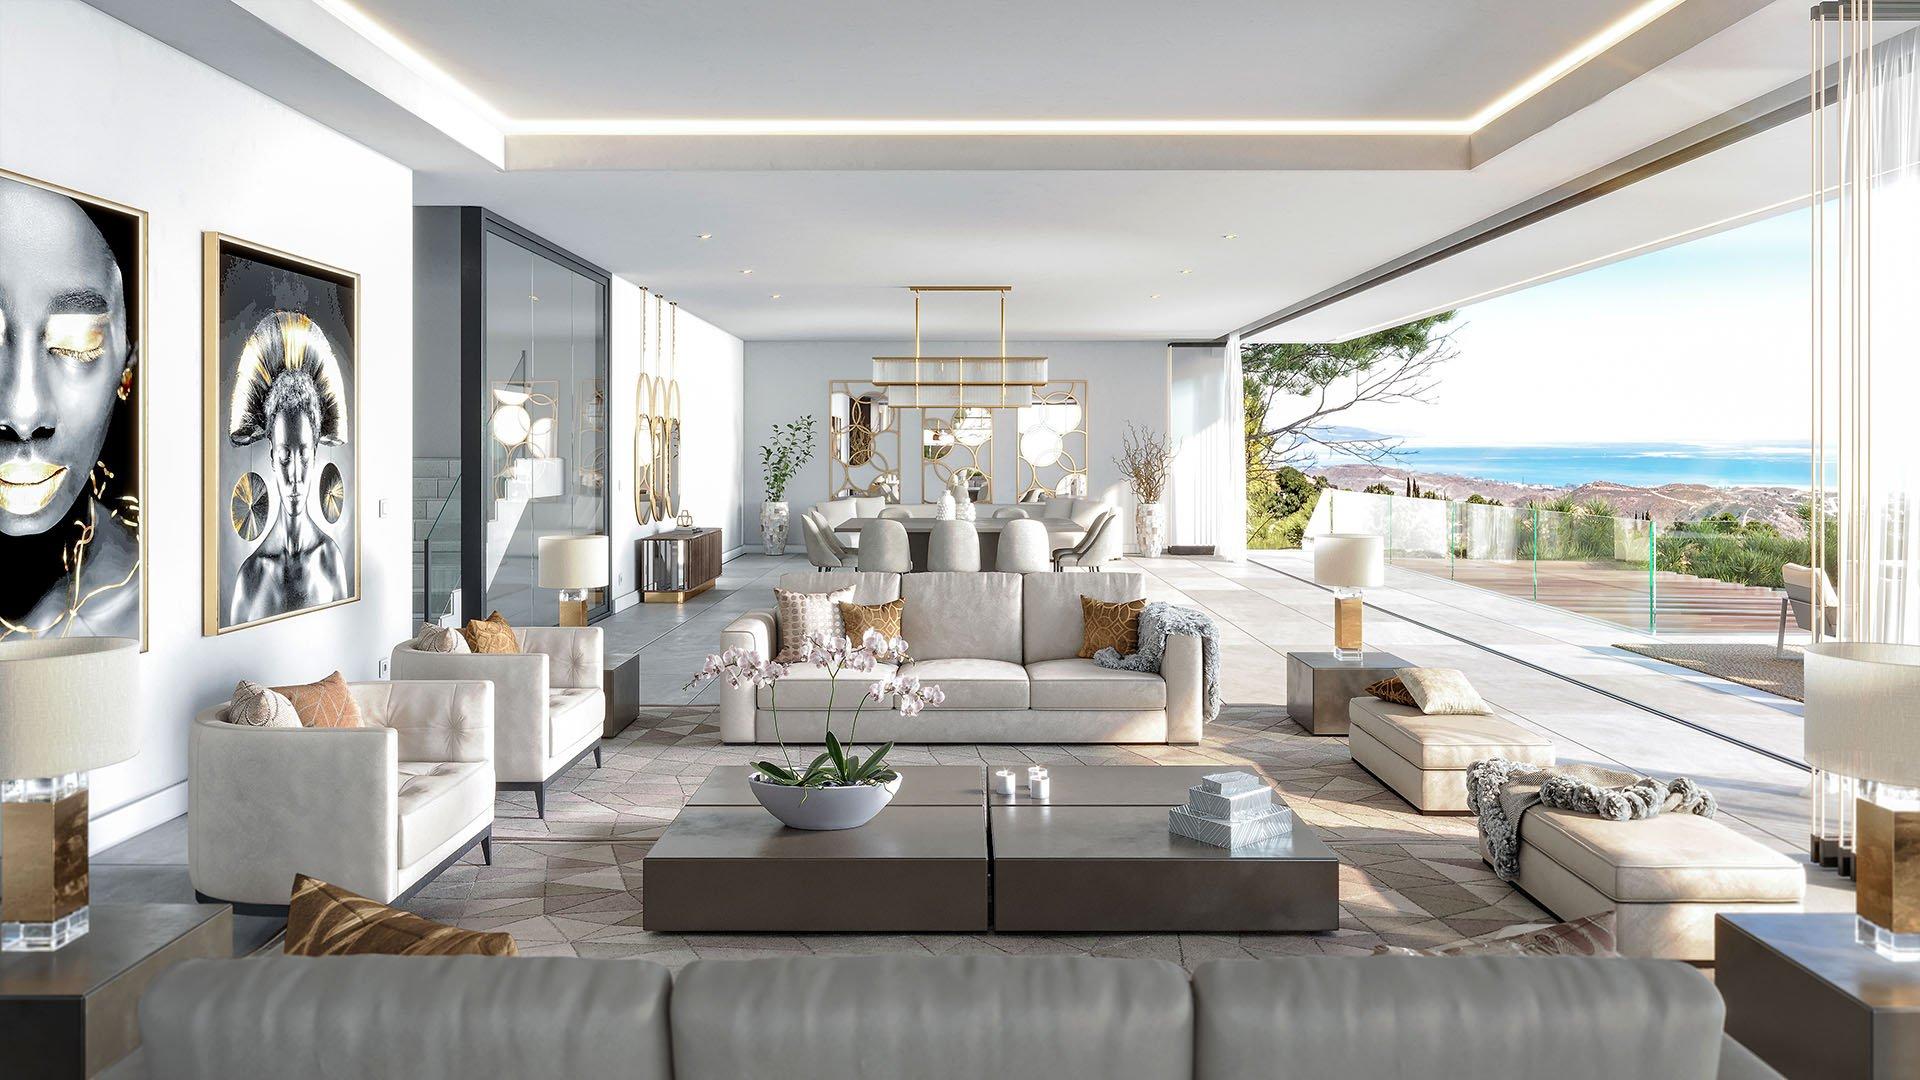 The Secret Marbella: Luxury villas in Marbella bordering nature reserve